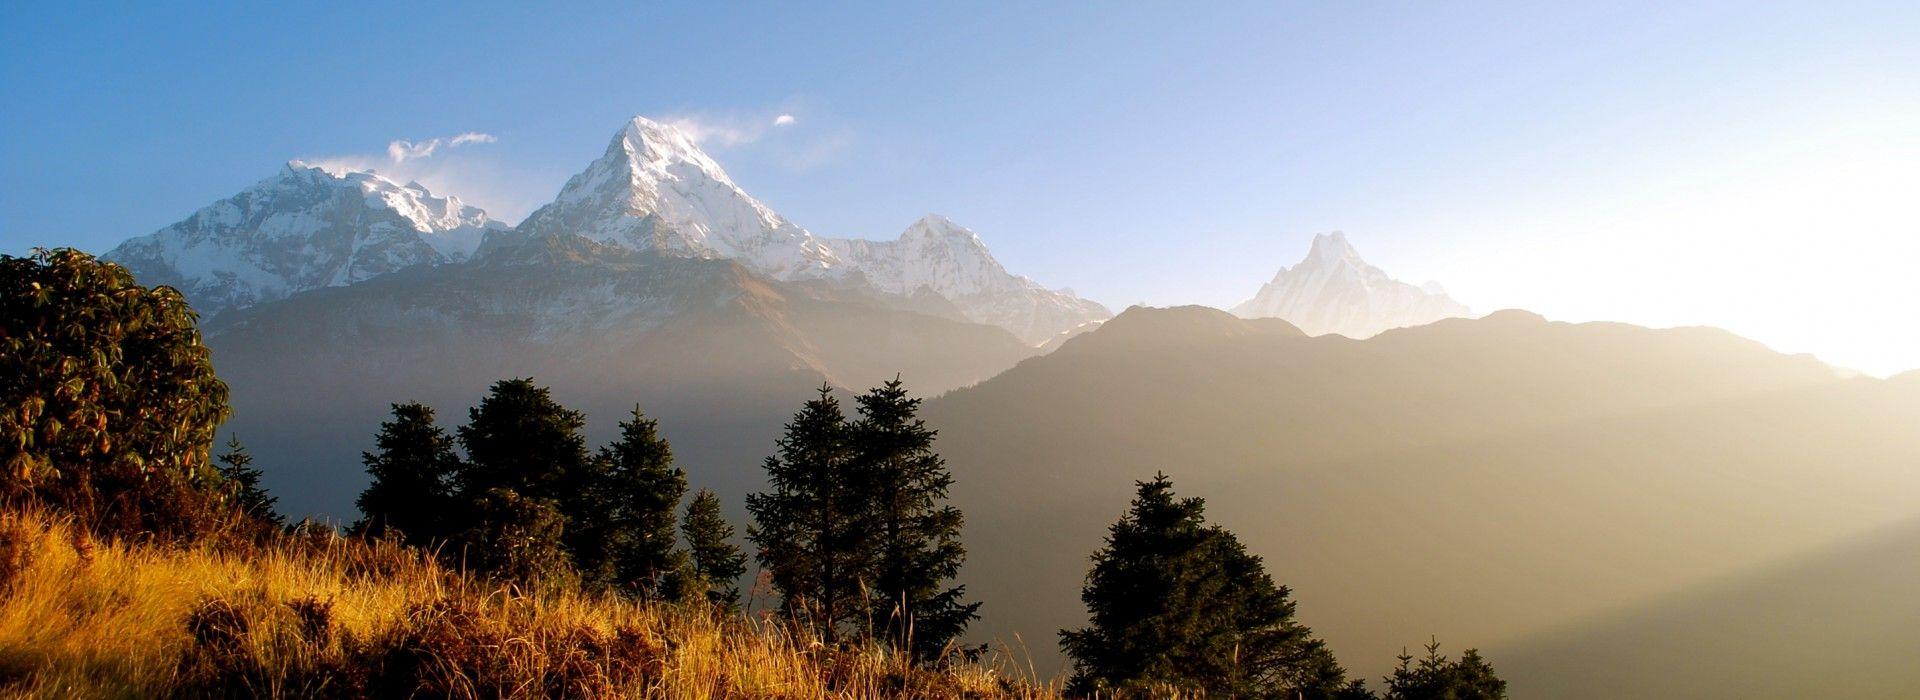 Spiritual or religious tours in Kathmandu